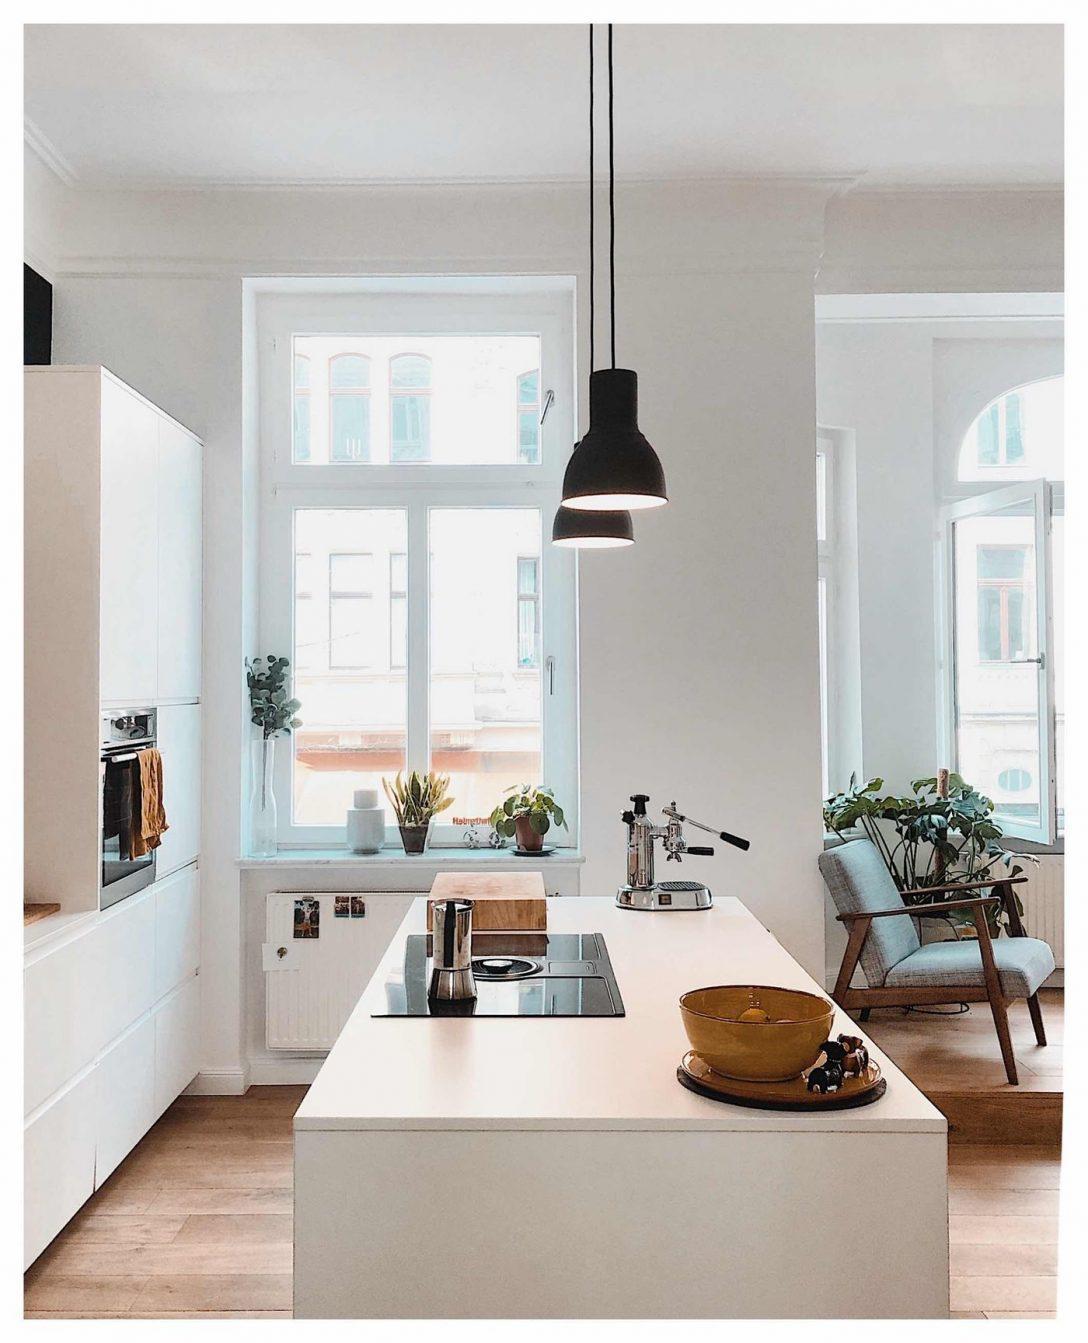 Full Size of Miniküche Ideen Ikea Wohnzimmer Tapeten Stengel Mit Kühlschrank Bad Renovieren Wohnzimmer Miniküche Ideen